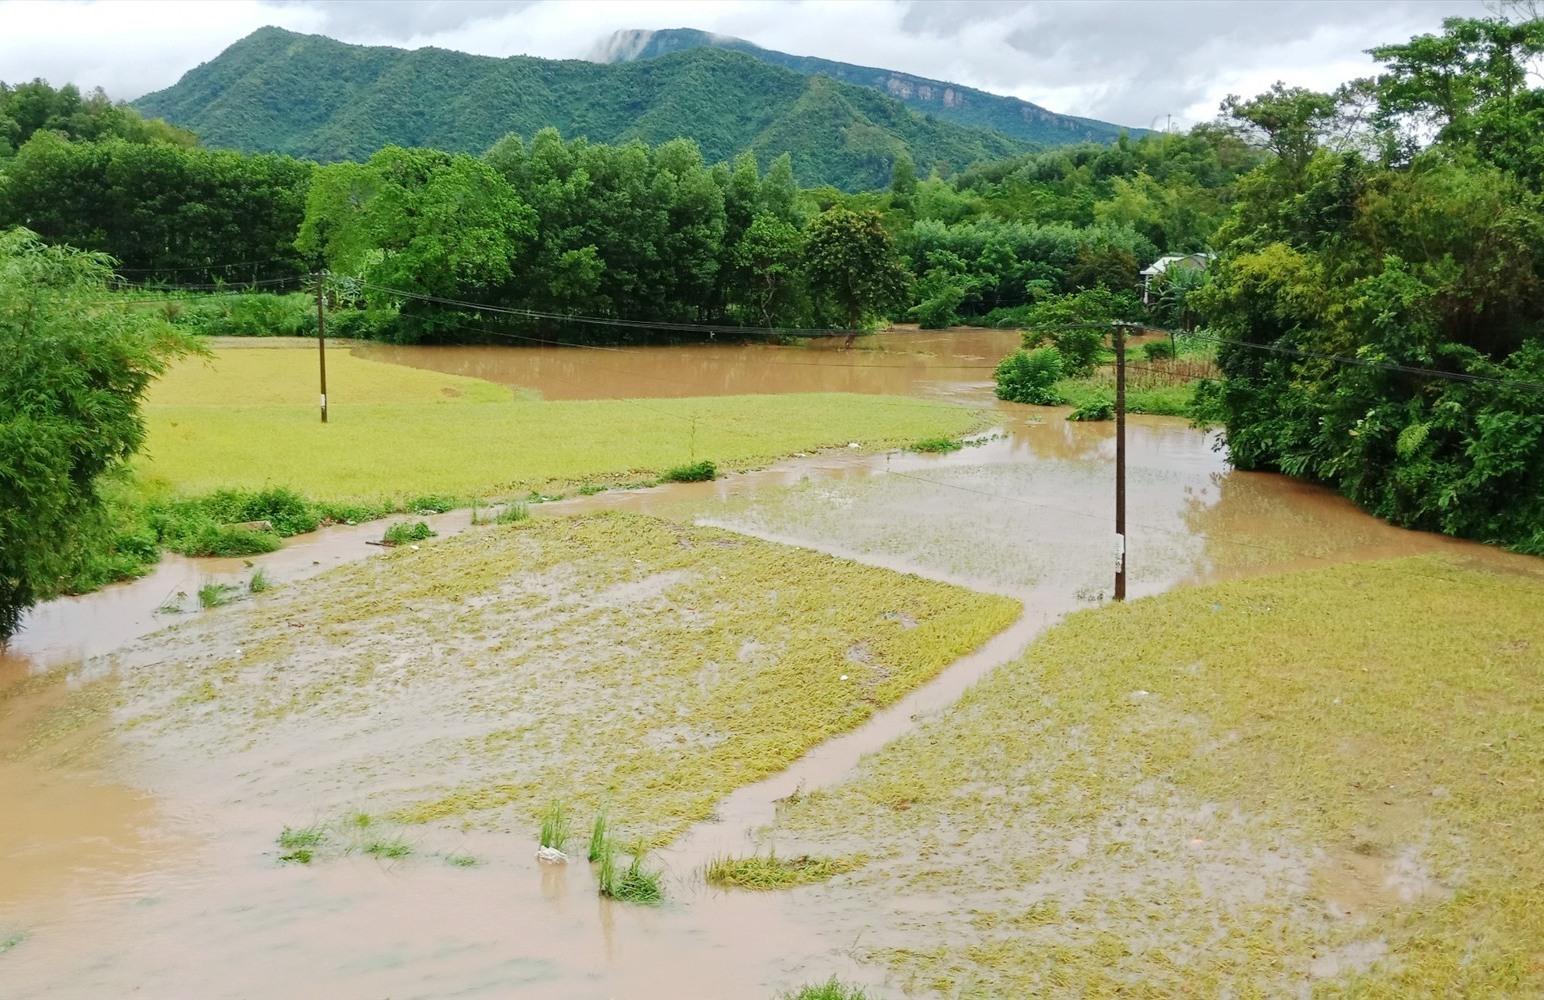 Khoảng 23 ha diện tích lúa Hè thu năm 2020 ở Nông Sơn ngập trong nước do mưa lớn. Ảnh M.THÔNG